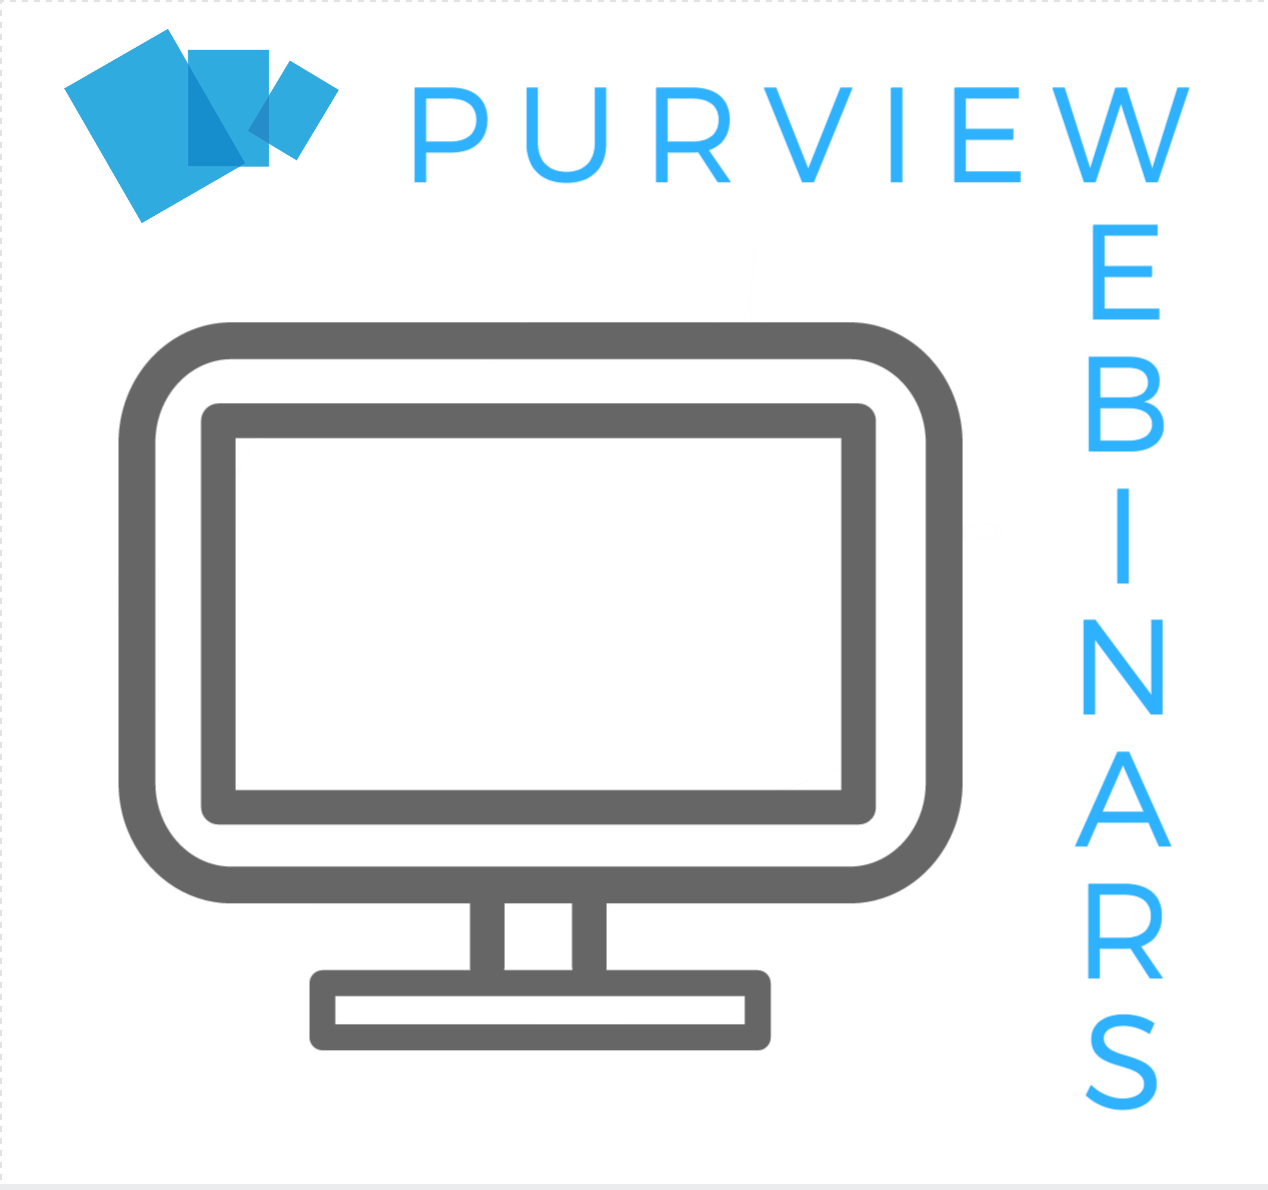 purview webinars